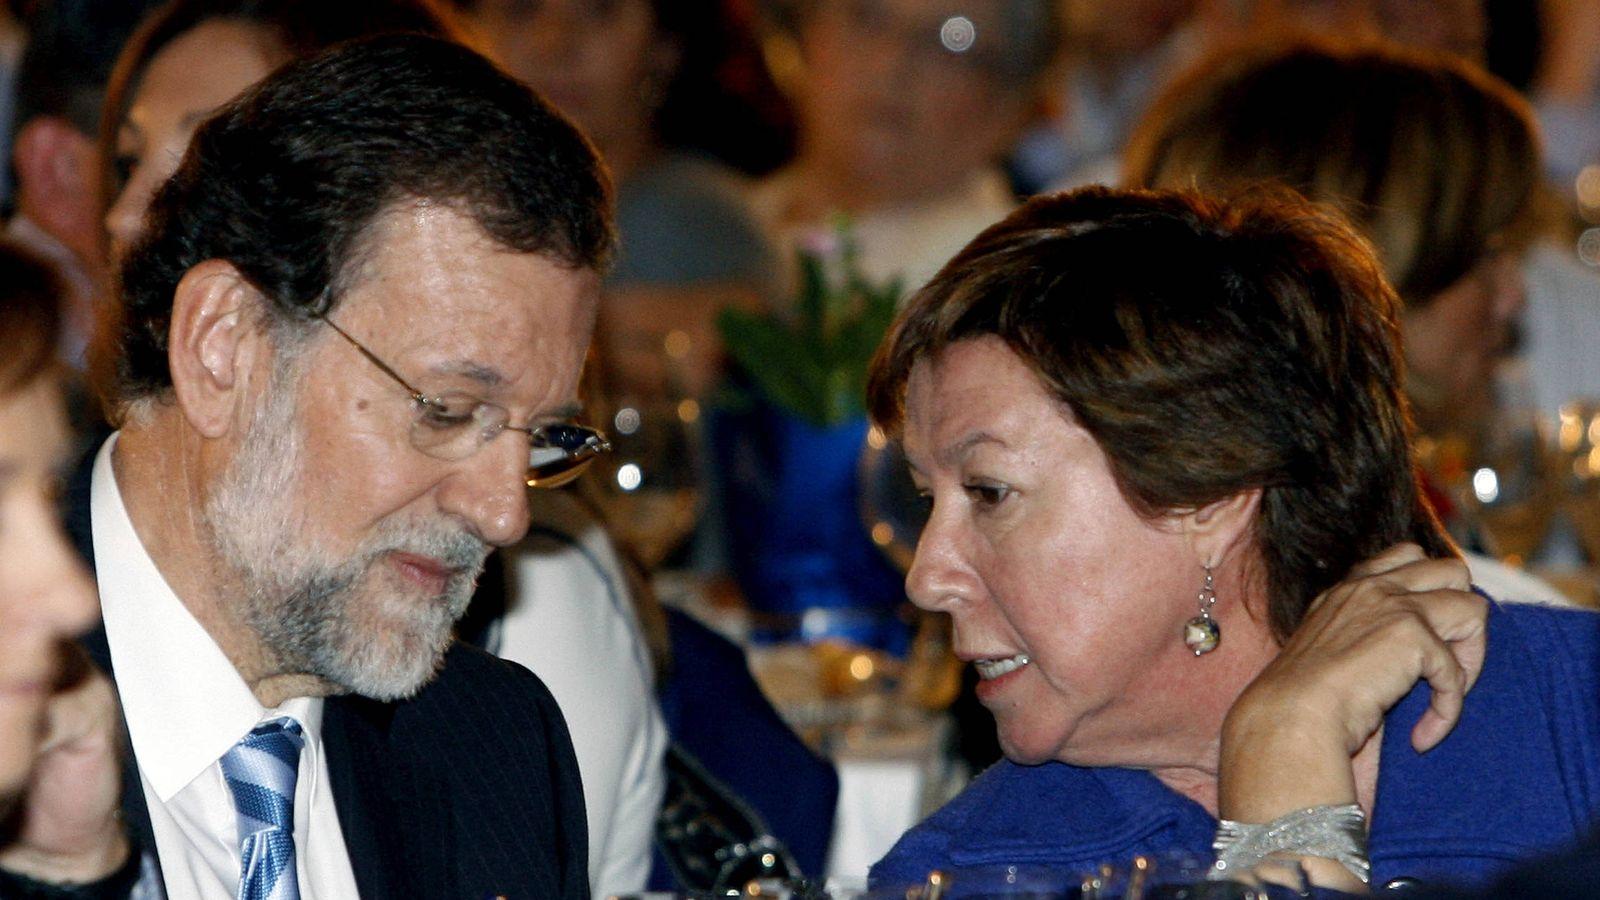 Foto: Rajoy conversa con Pilar Barreiro en una imagen de archivo. (EFE)